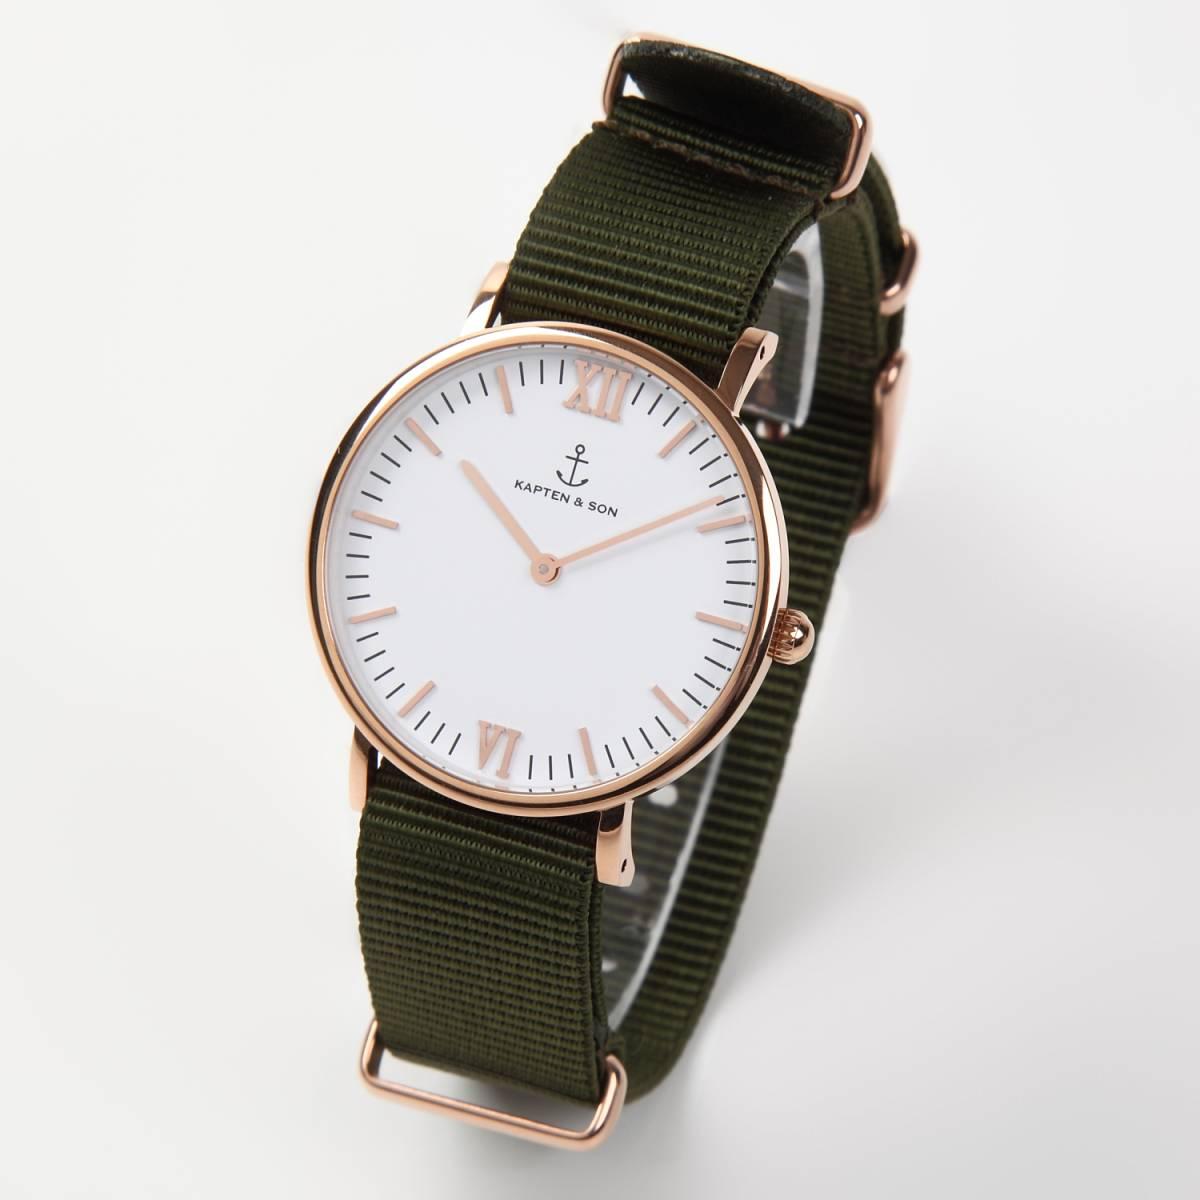 NATO タイプ 時計ベルト カーキグリーン 18mm ローズゴールドバックル 取付マニュアル付き_画像2